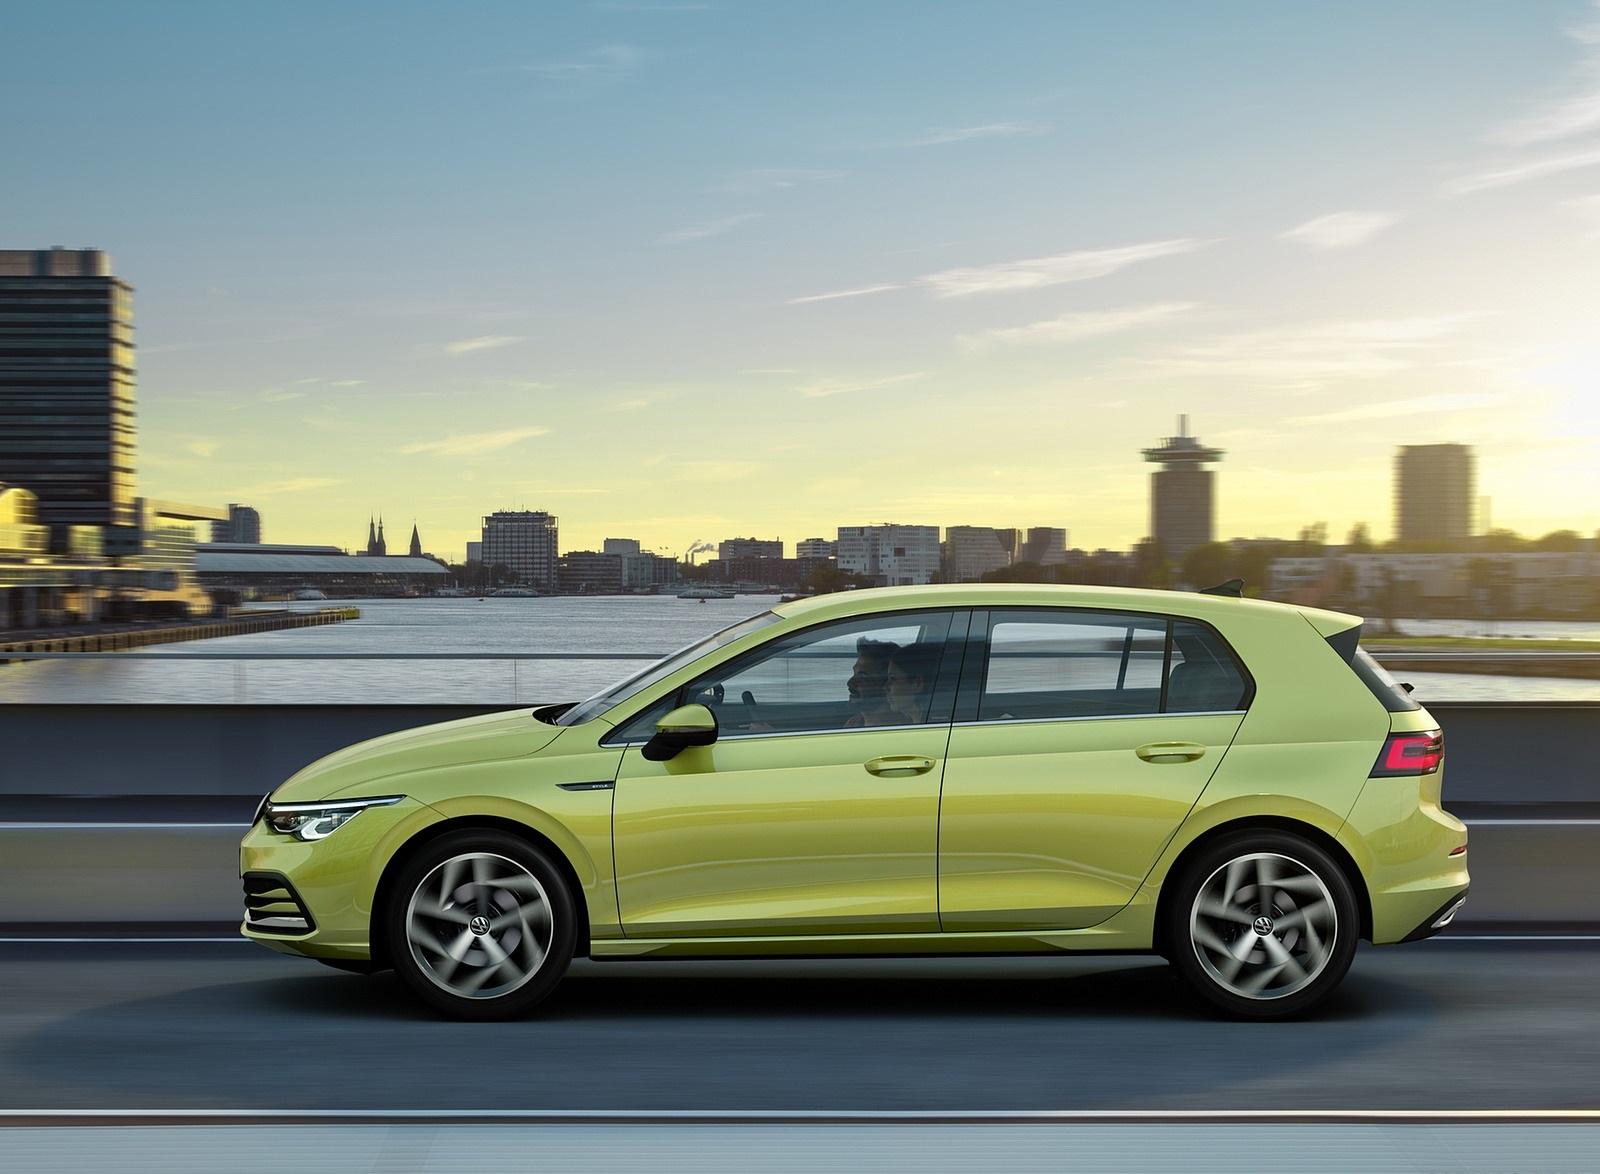 2020 Volkswagen Golf Mk8 Side Wallpapers (6)